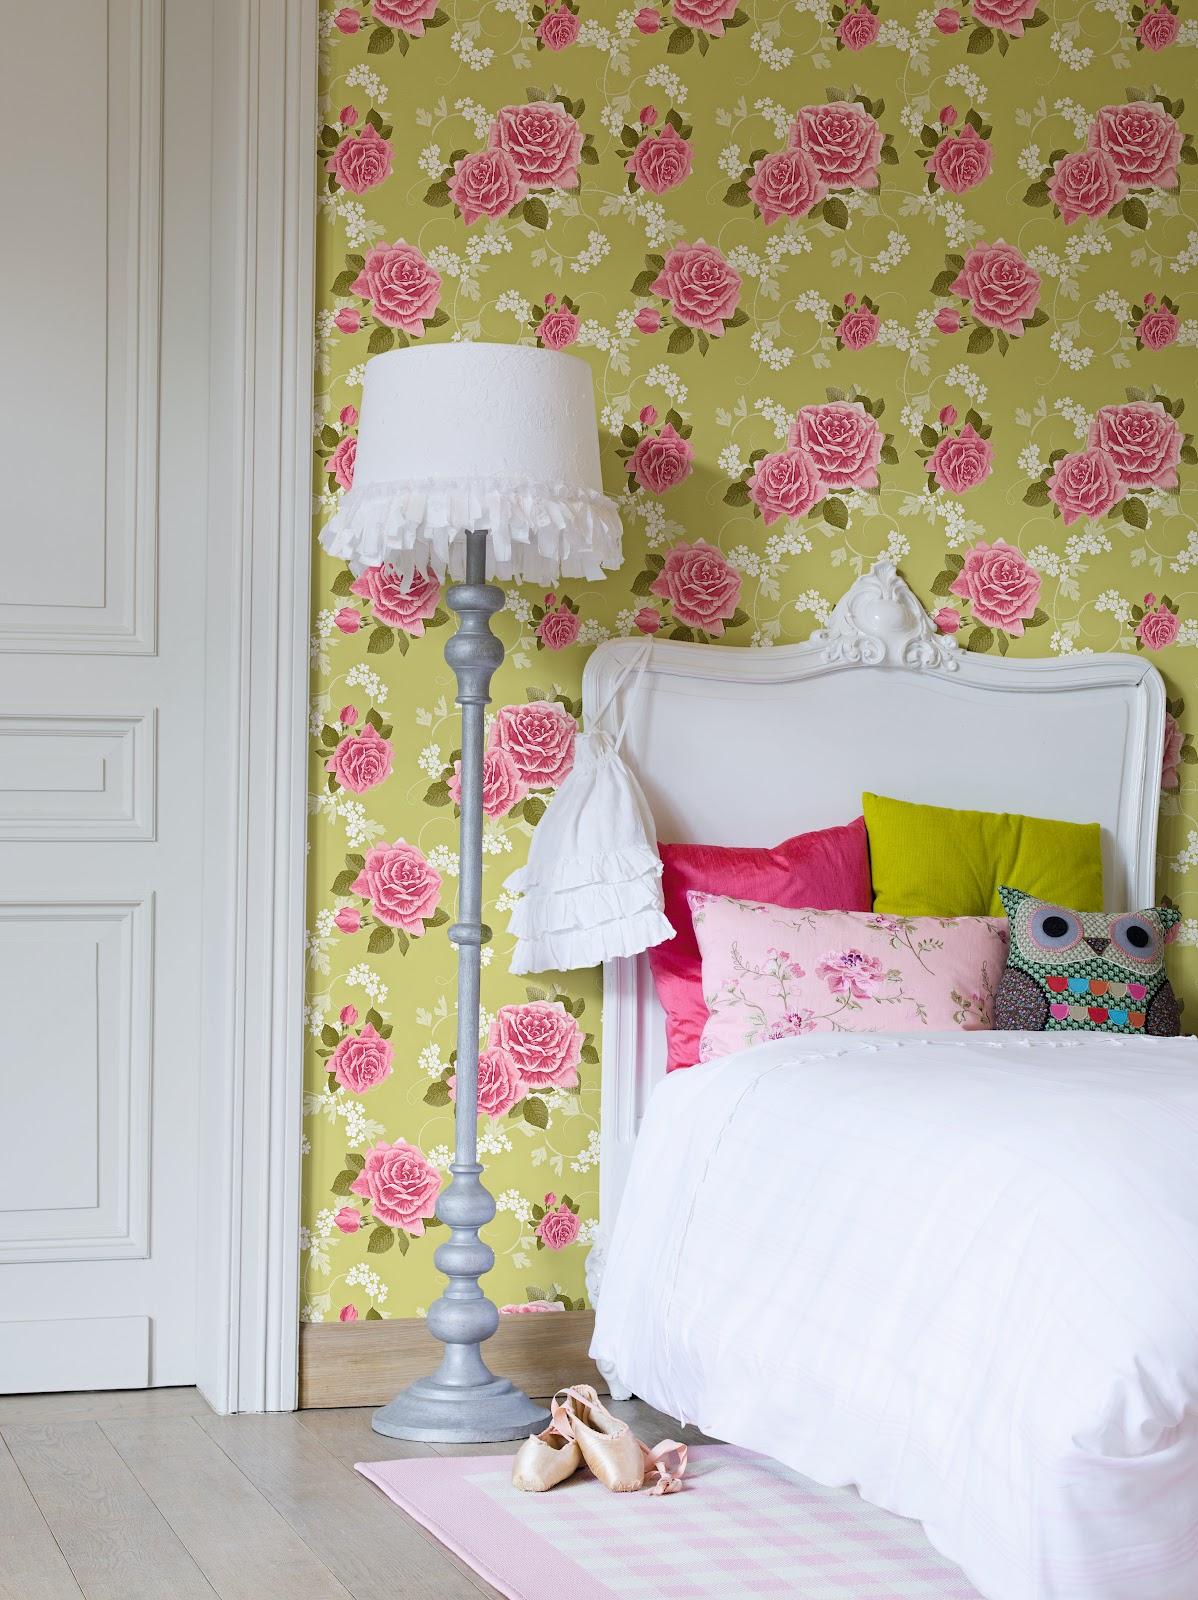 Papeles pintados aribau la vie en rose nueva colecci n - Papeles pintados aribau ...